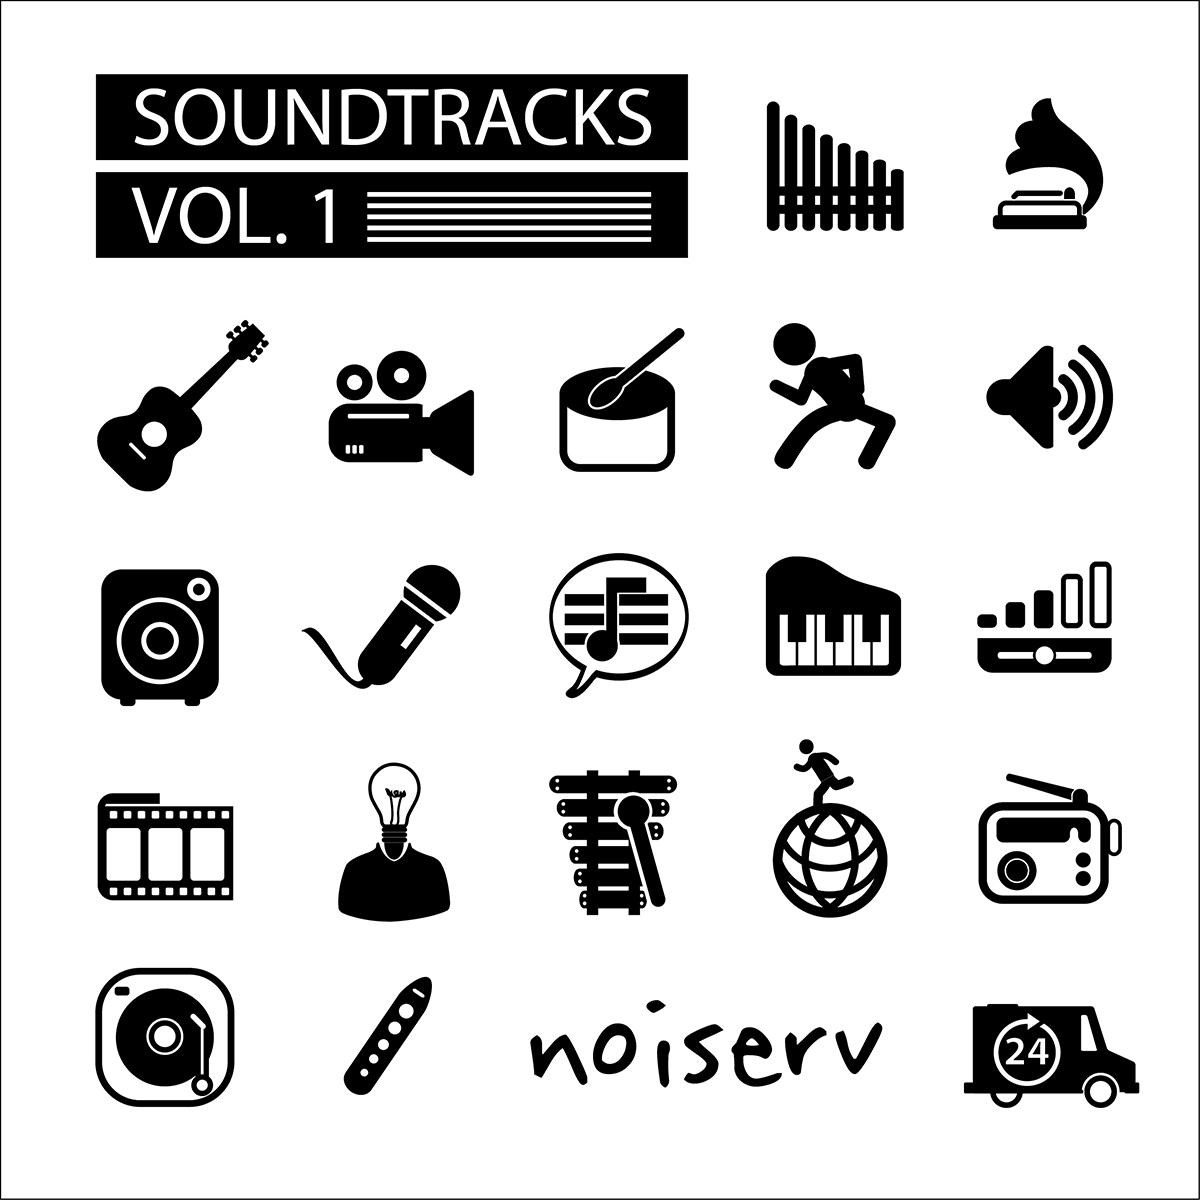 """Noiserv edita """"Soundtracks Vol. 1"""" - compilação digital de 49 canções compostas para bandas sonoras e outras peças artísticas"""